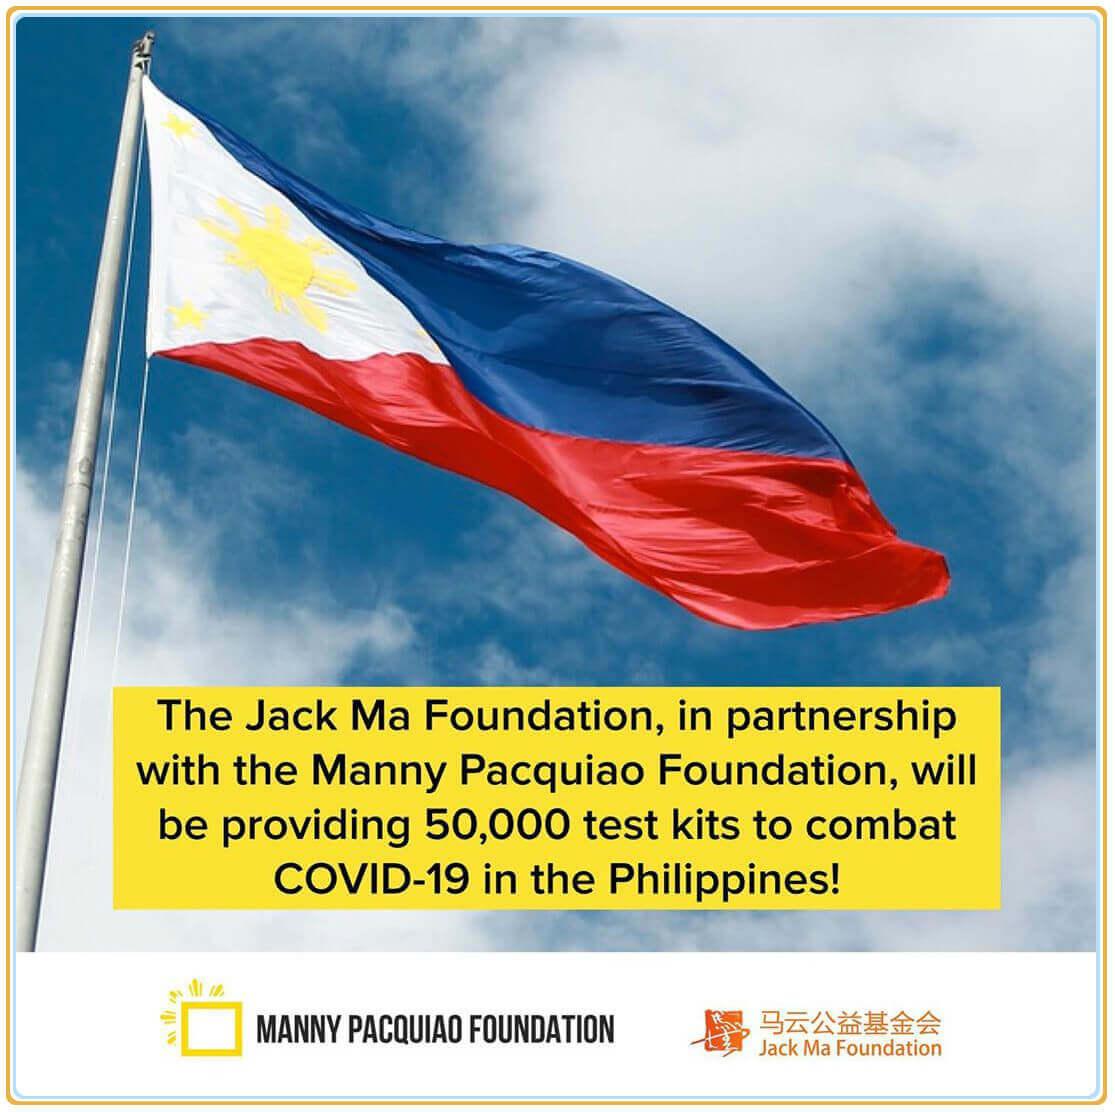 马云捐赠菲律宾 -拳王媒体照片